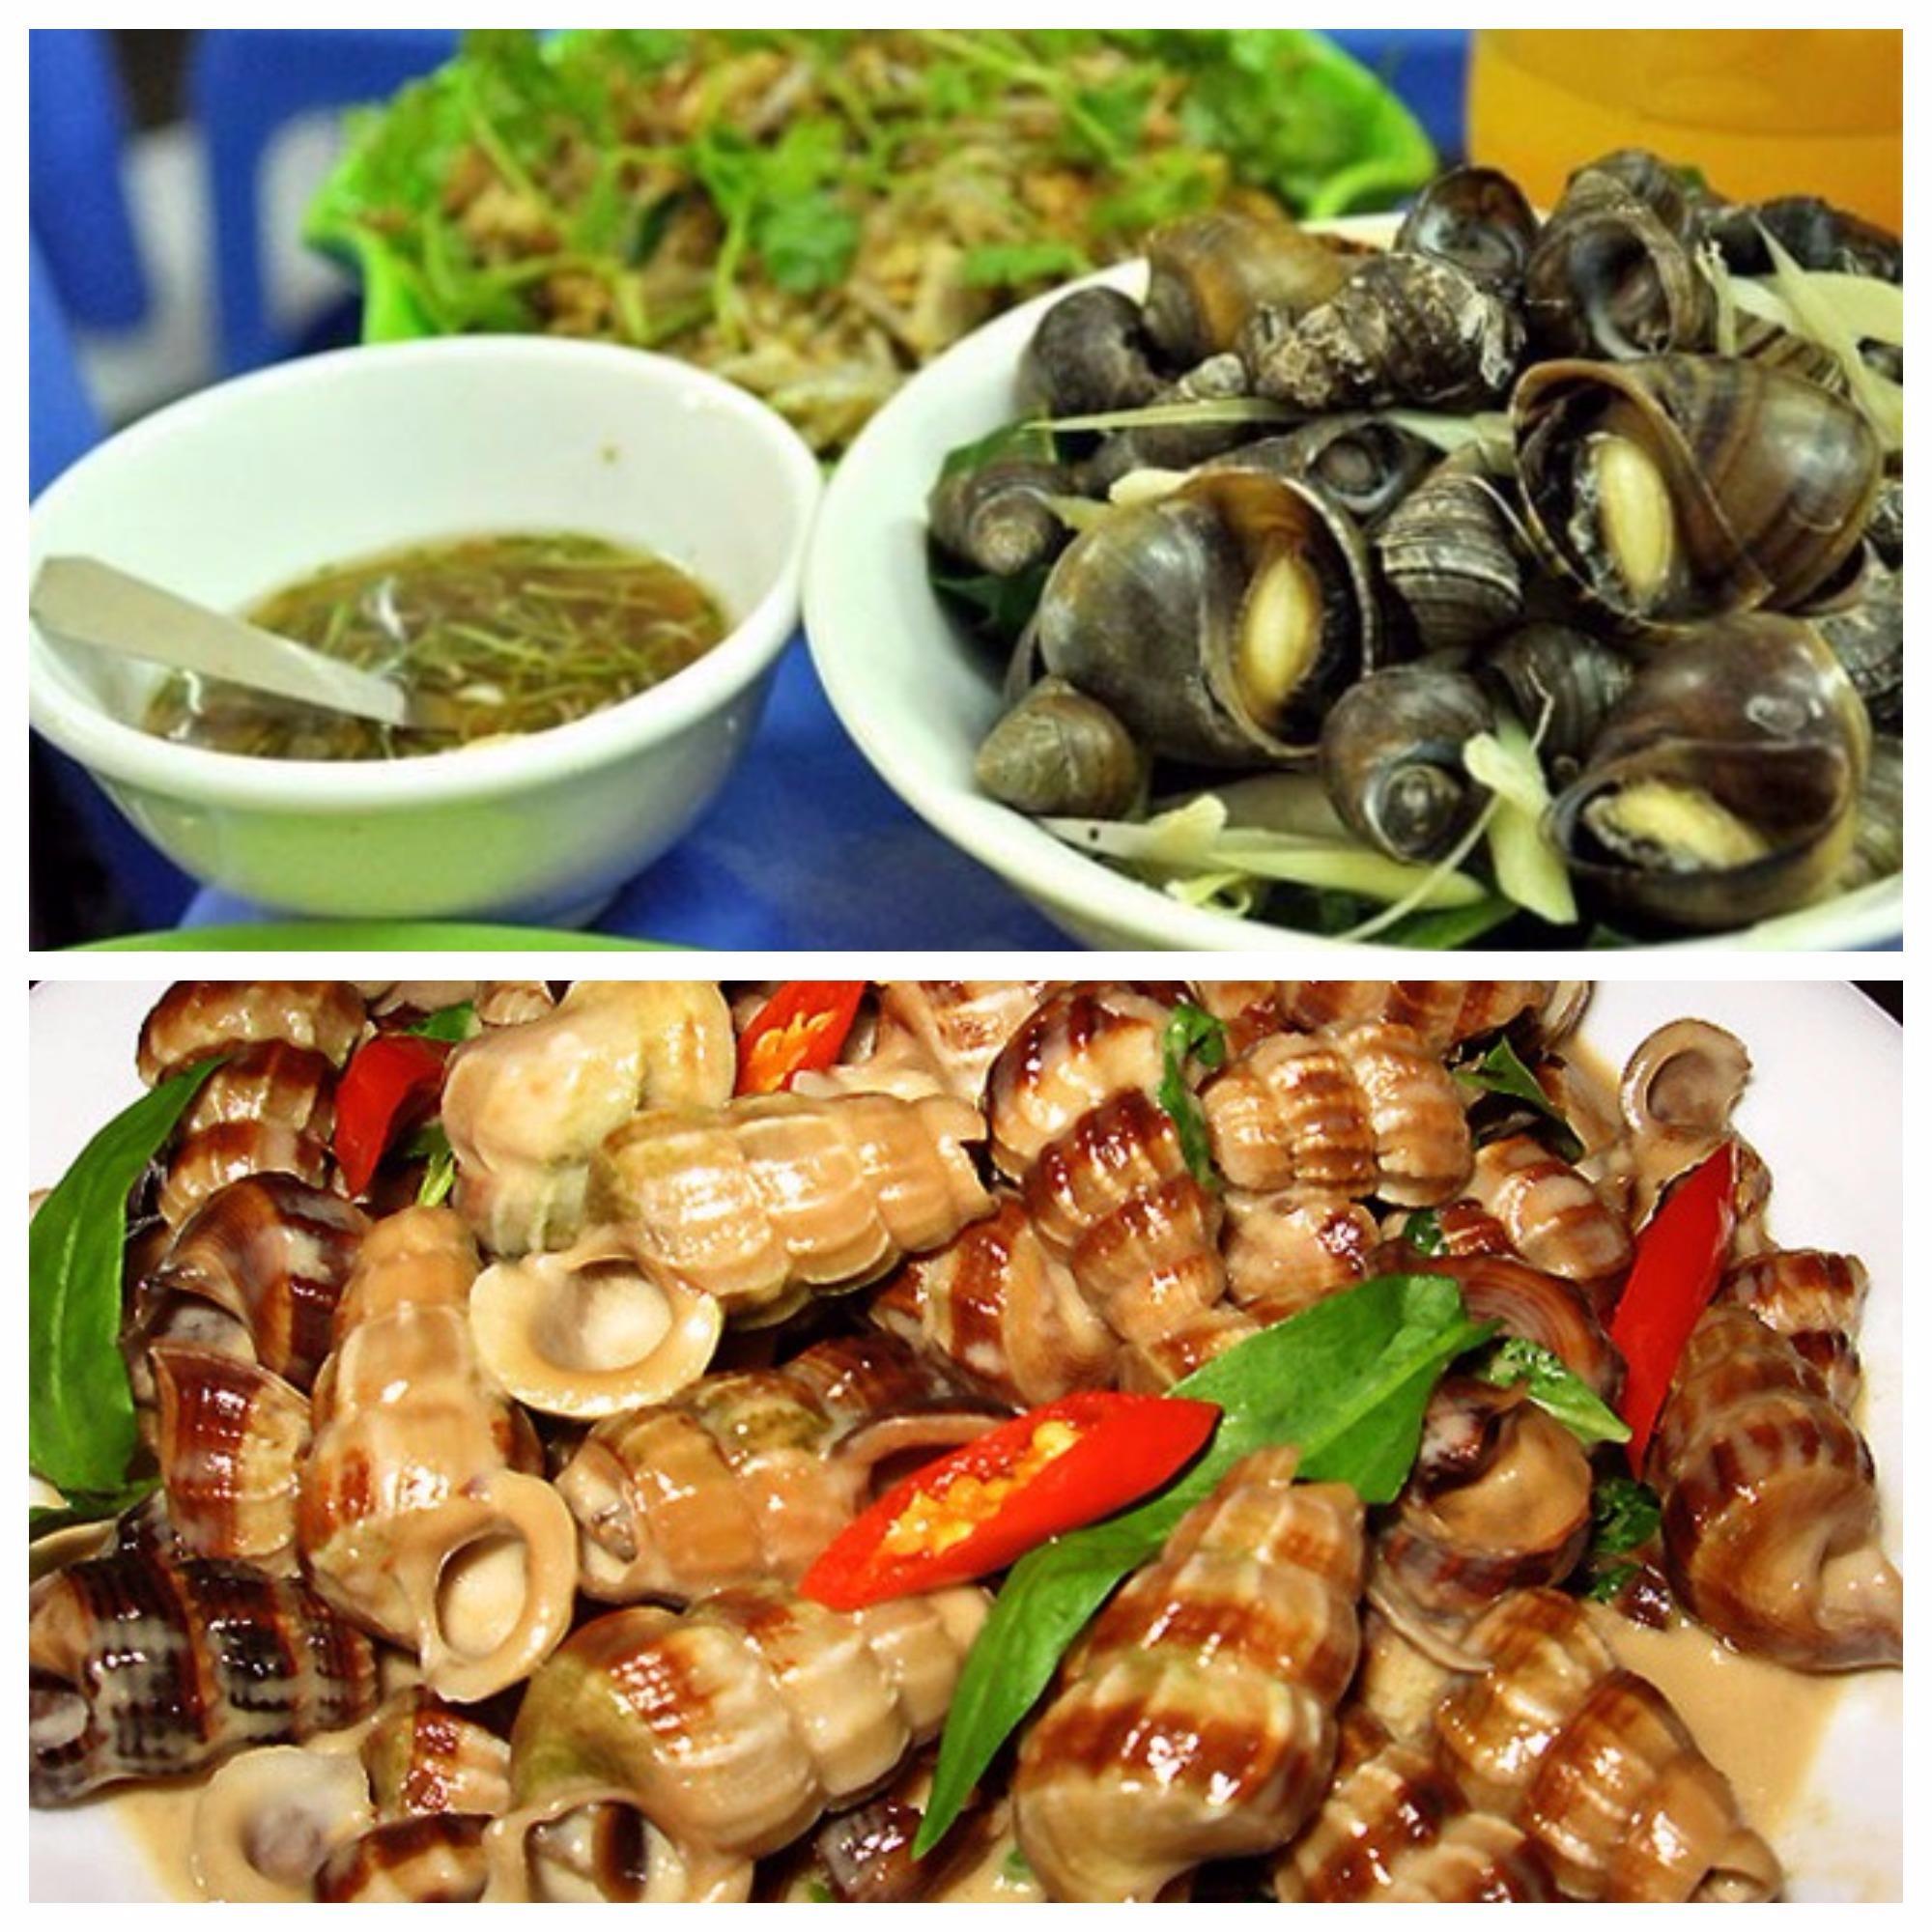 Giới thiệu 5 món Hải sản ngon ở Hạ Long